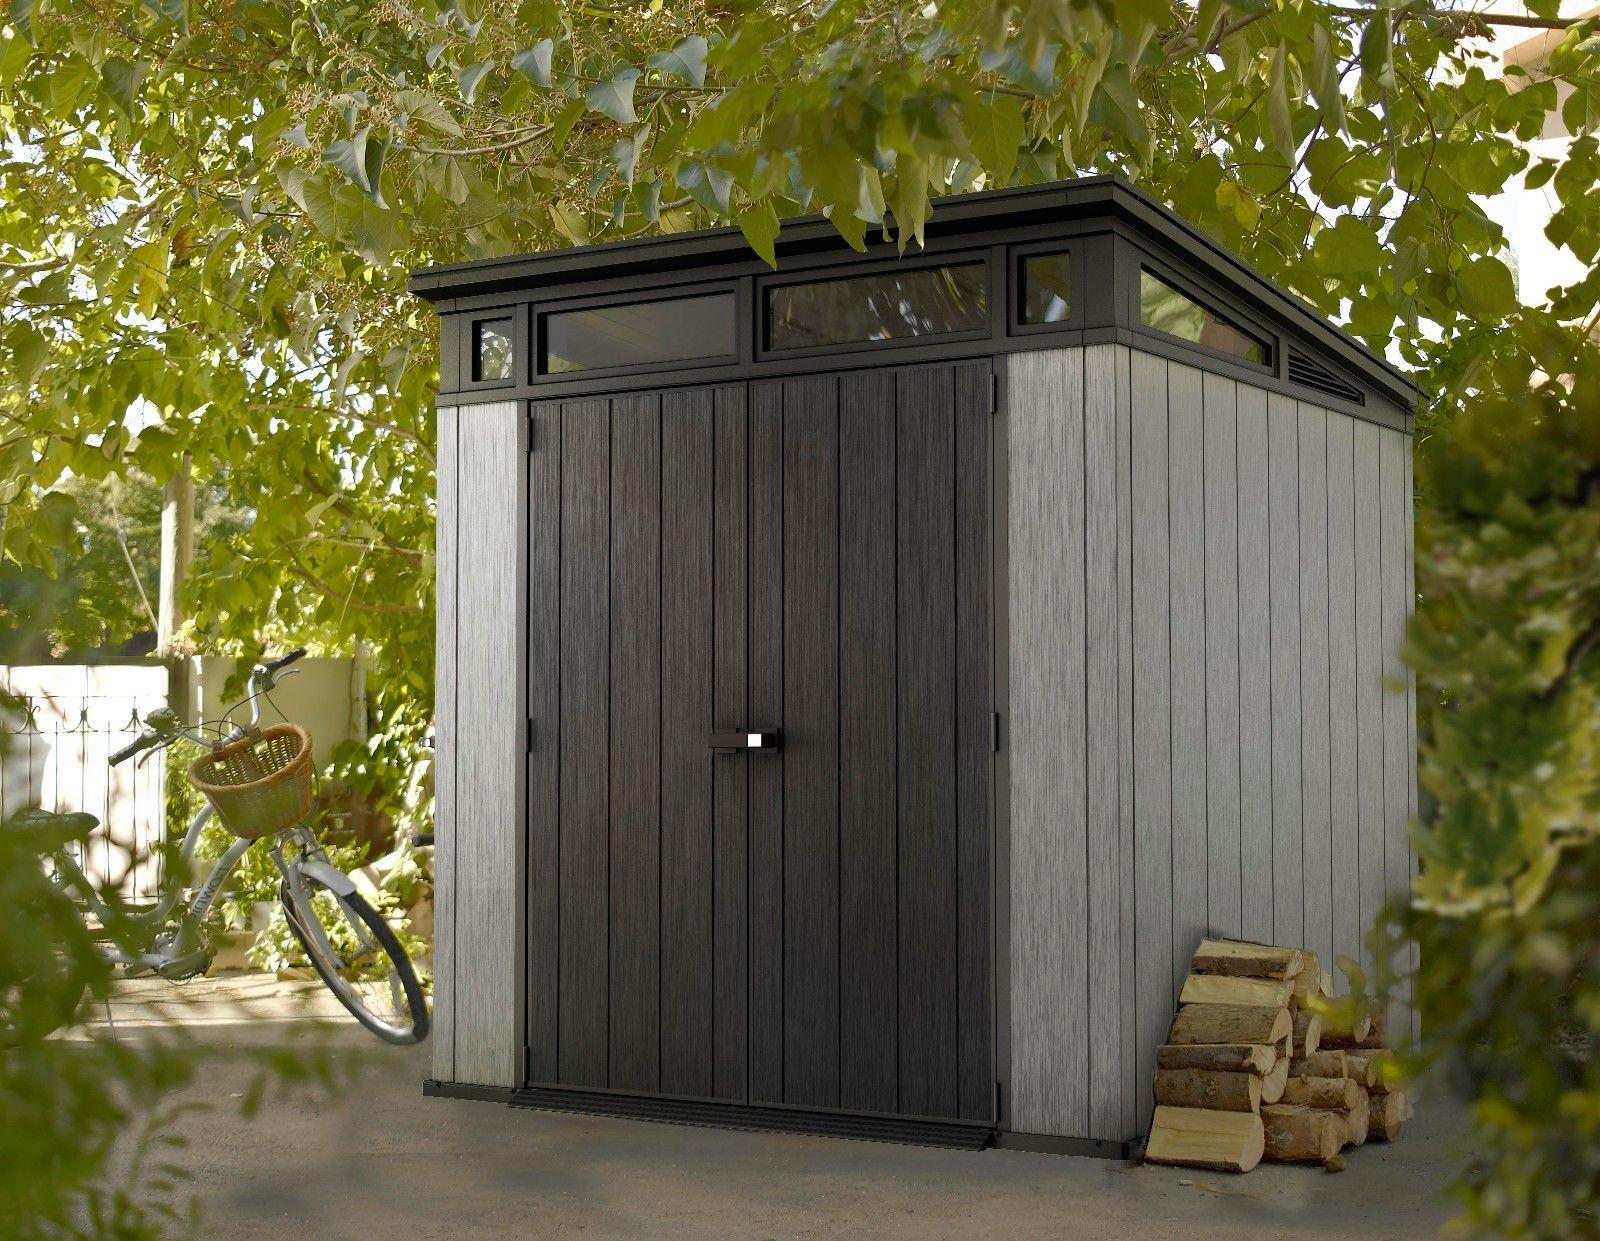 keter artisan shed 7 39 x7 39 1 landera. Black Bedroom Furniture Sets. Home Design Ideas